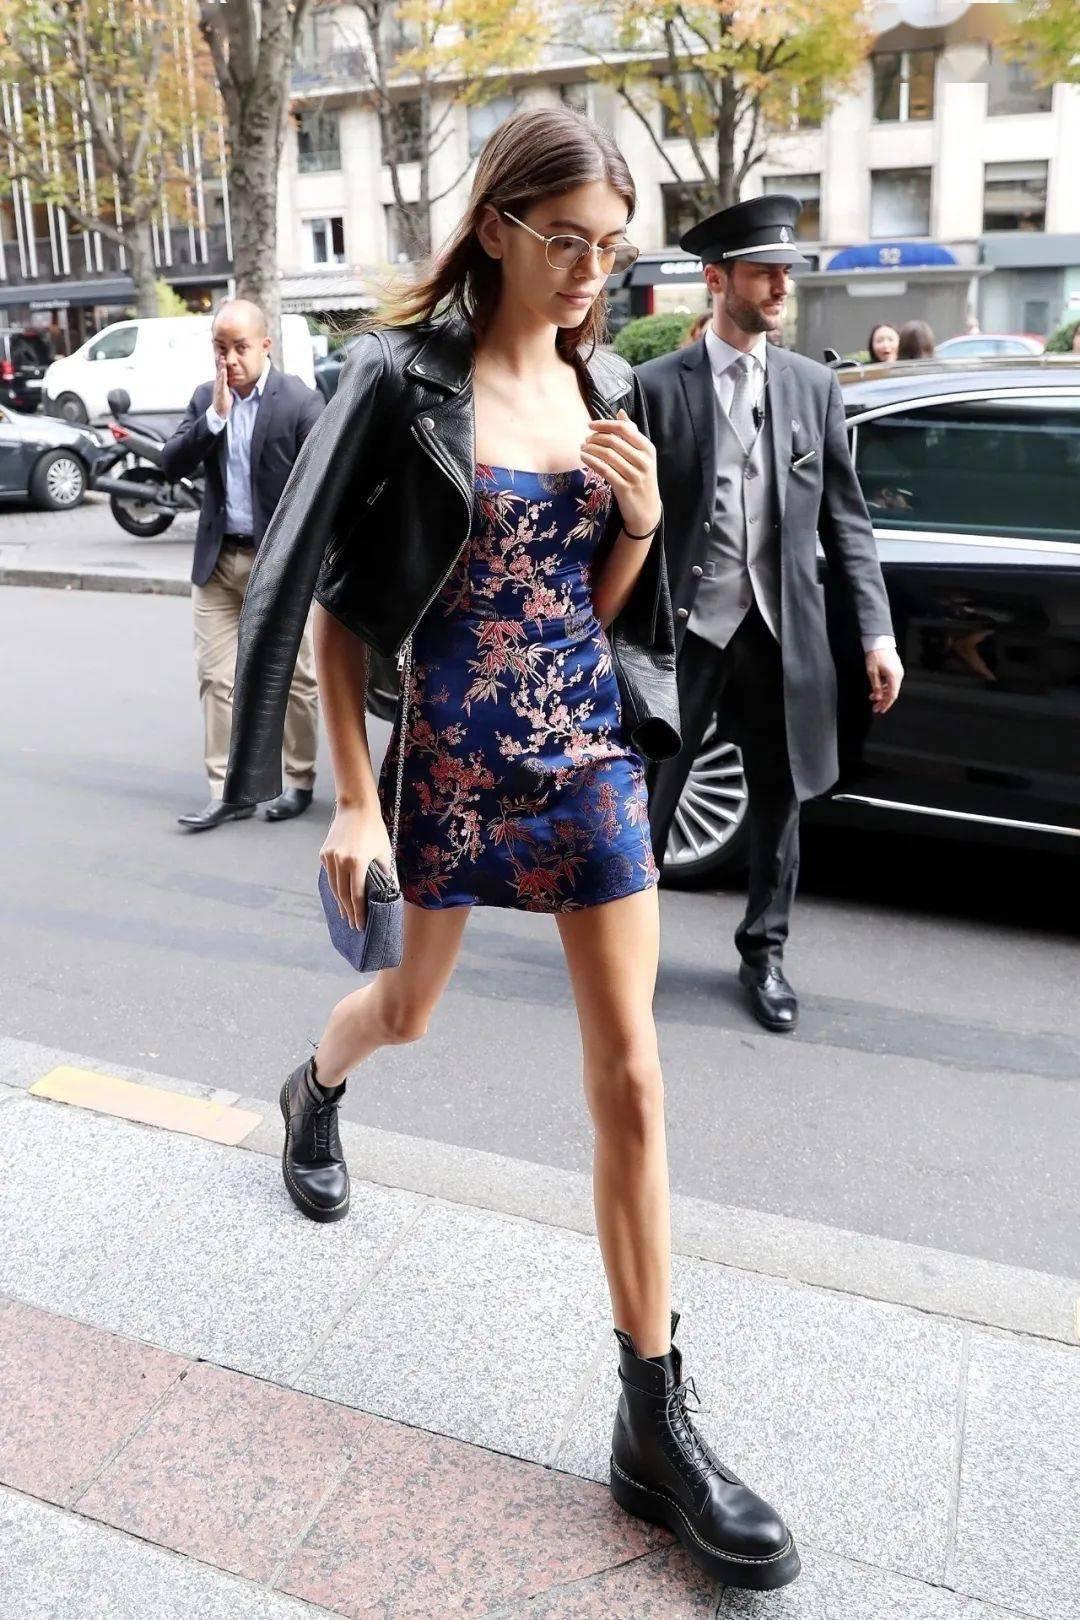 马丁靴+裙子,马丁靴+工装裤……又酷又撩,时髦炸了!     第22张